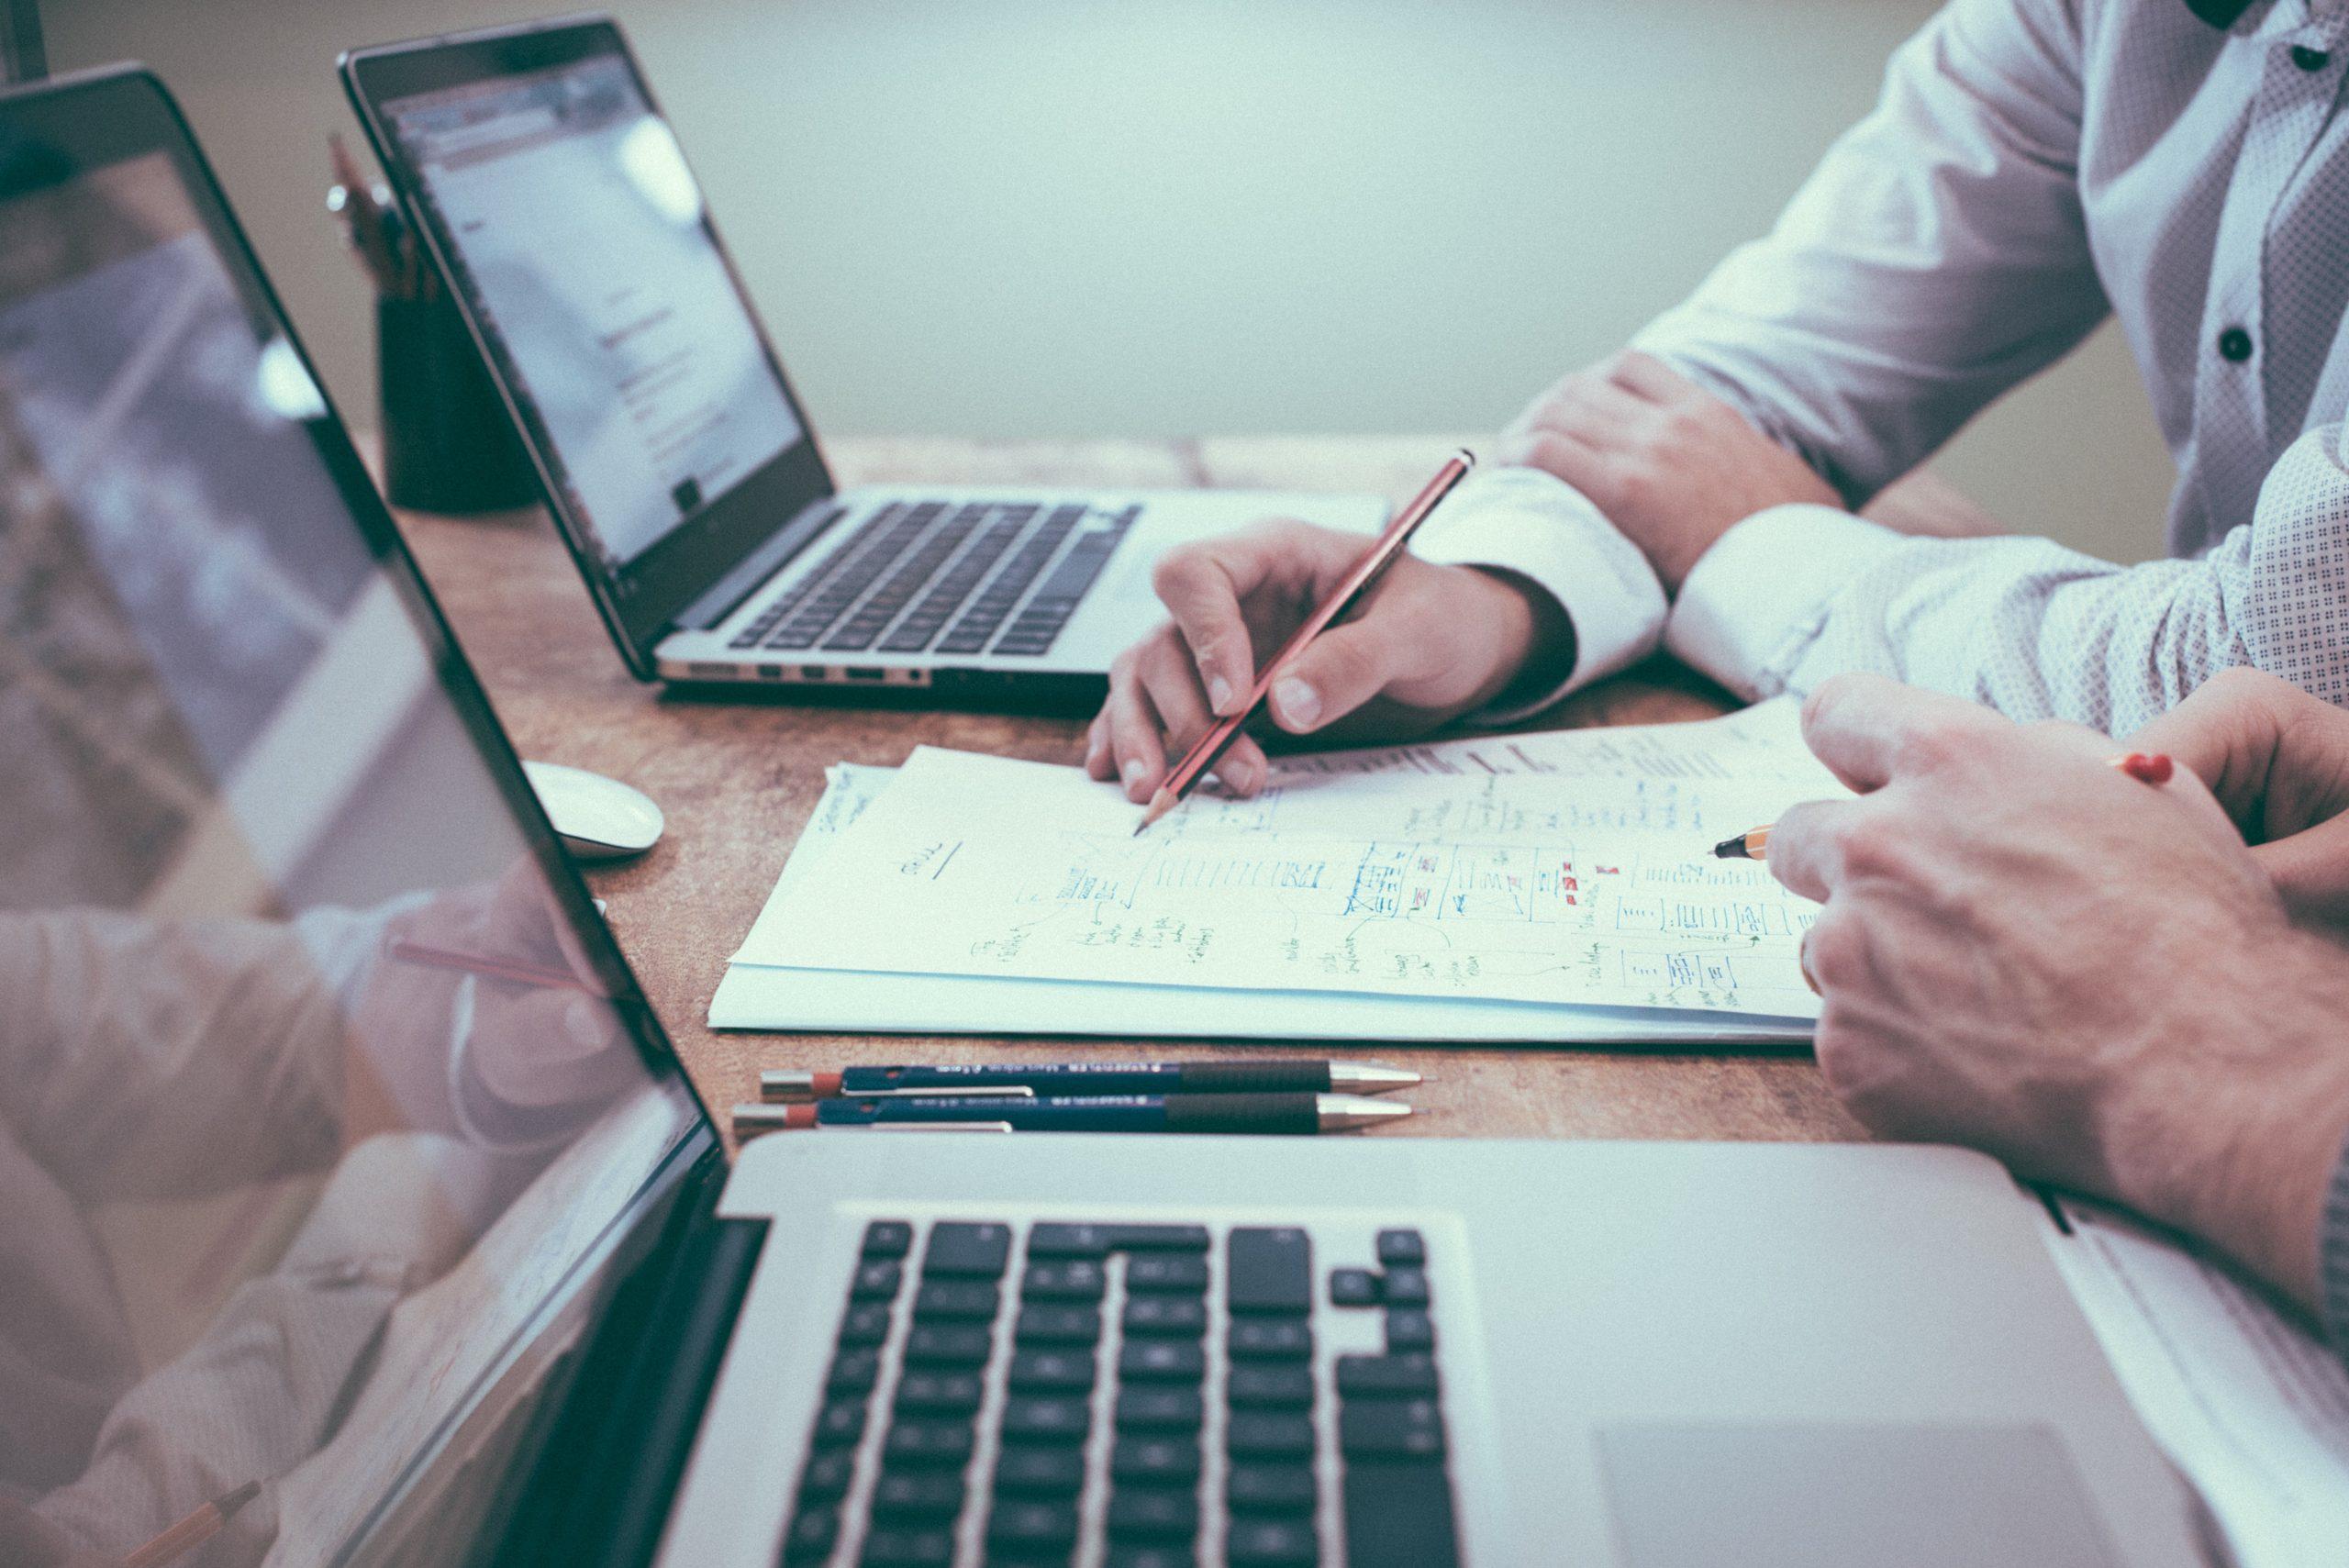 Zins und Tilgung: Zusammenhang, Unterschiede und steuerliche Wirkung